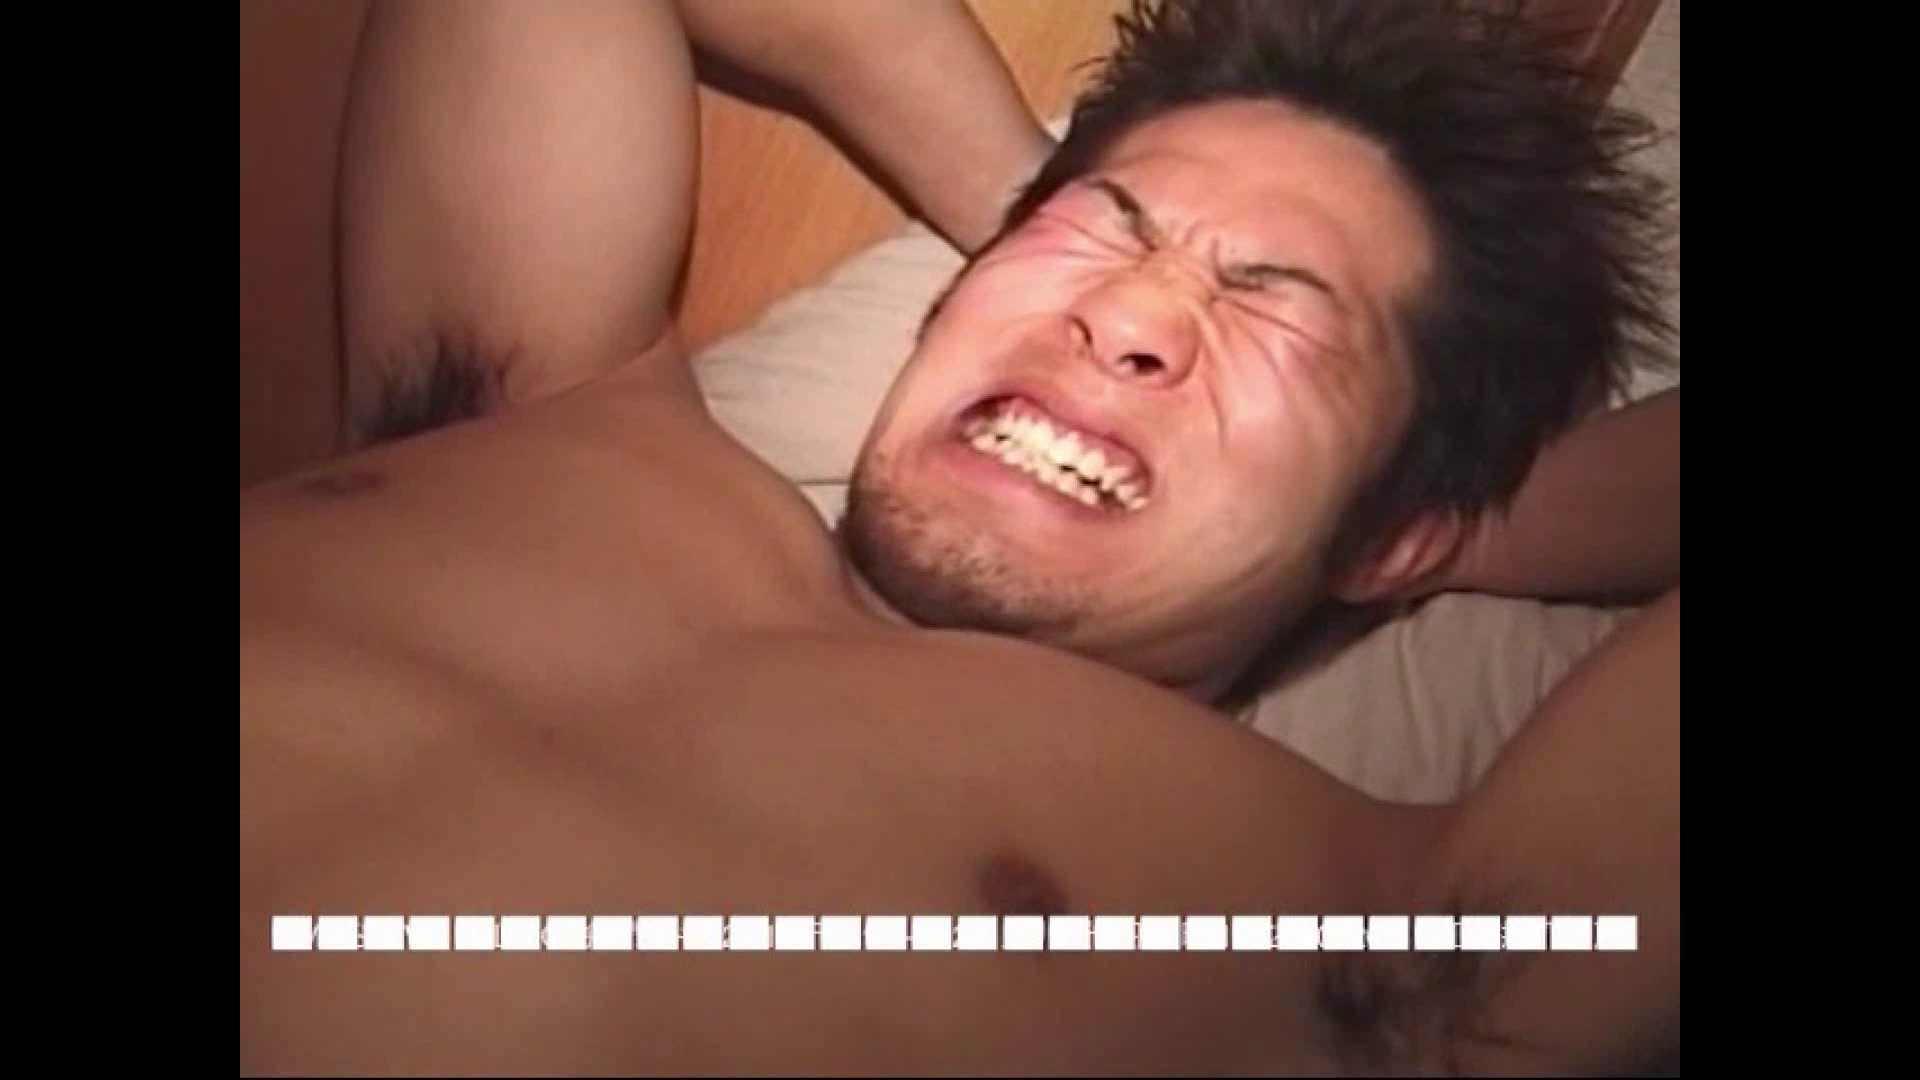 オナれ!集まれ!イケてるメンズ達!!File.20 男天国 | ノンケボーイズ  97pic 87